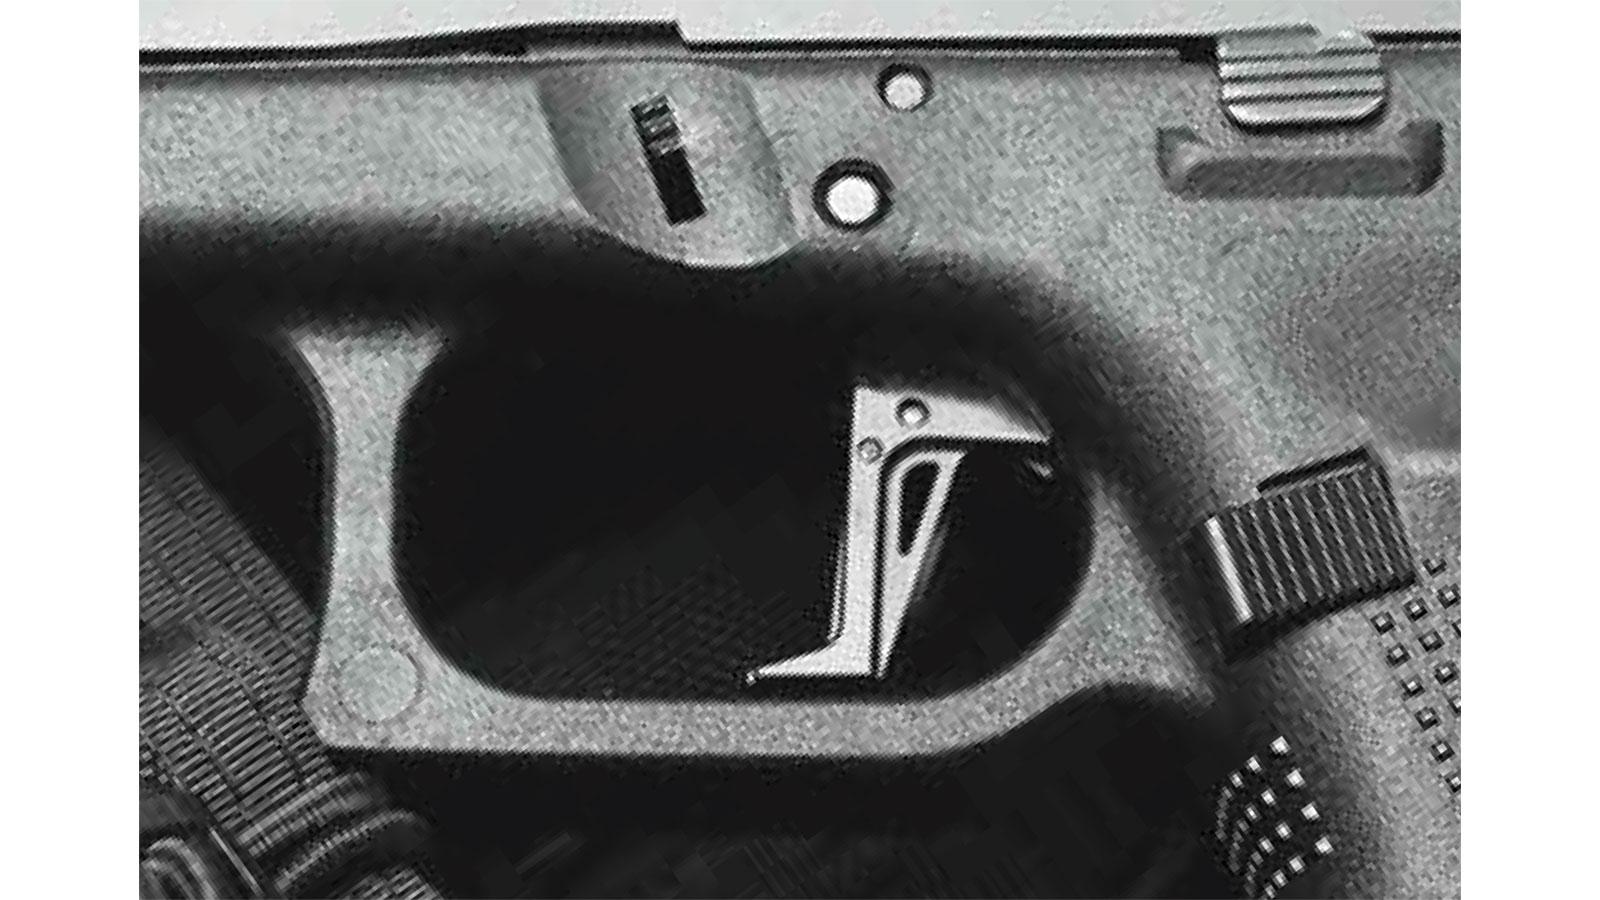 CMC Triggers 71601 Glock Trigger Kit Flat Glock Gen 1-3 40 S&W 8620 Steel